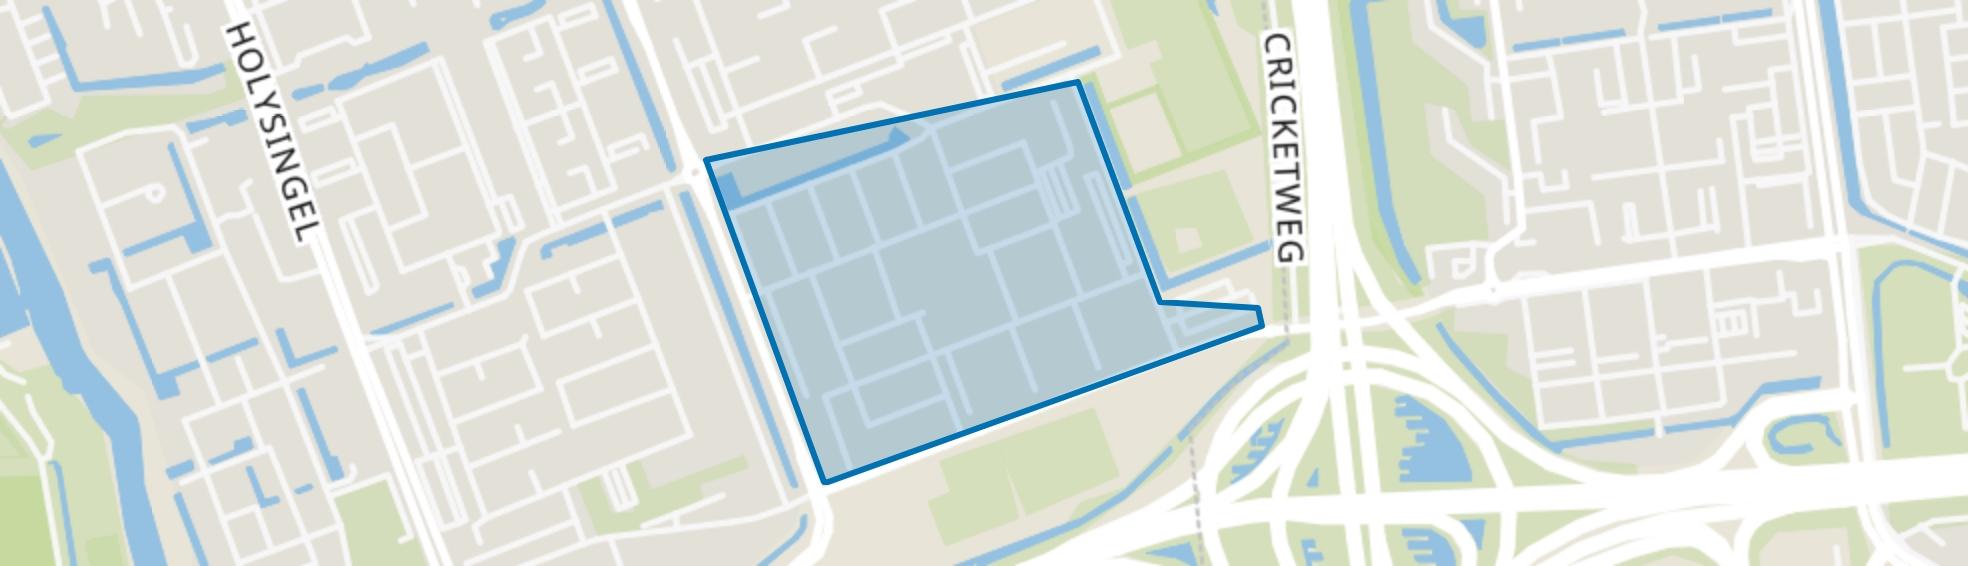 Vogelbuurt Zuid, Vlaardingen map